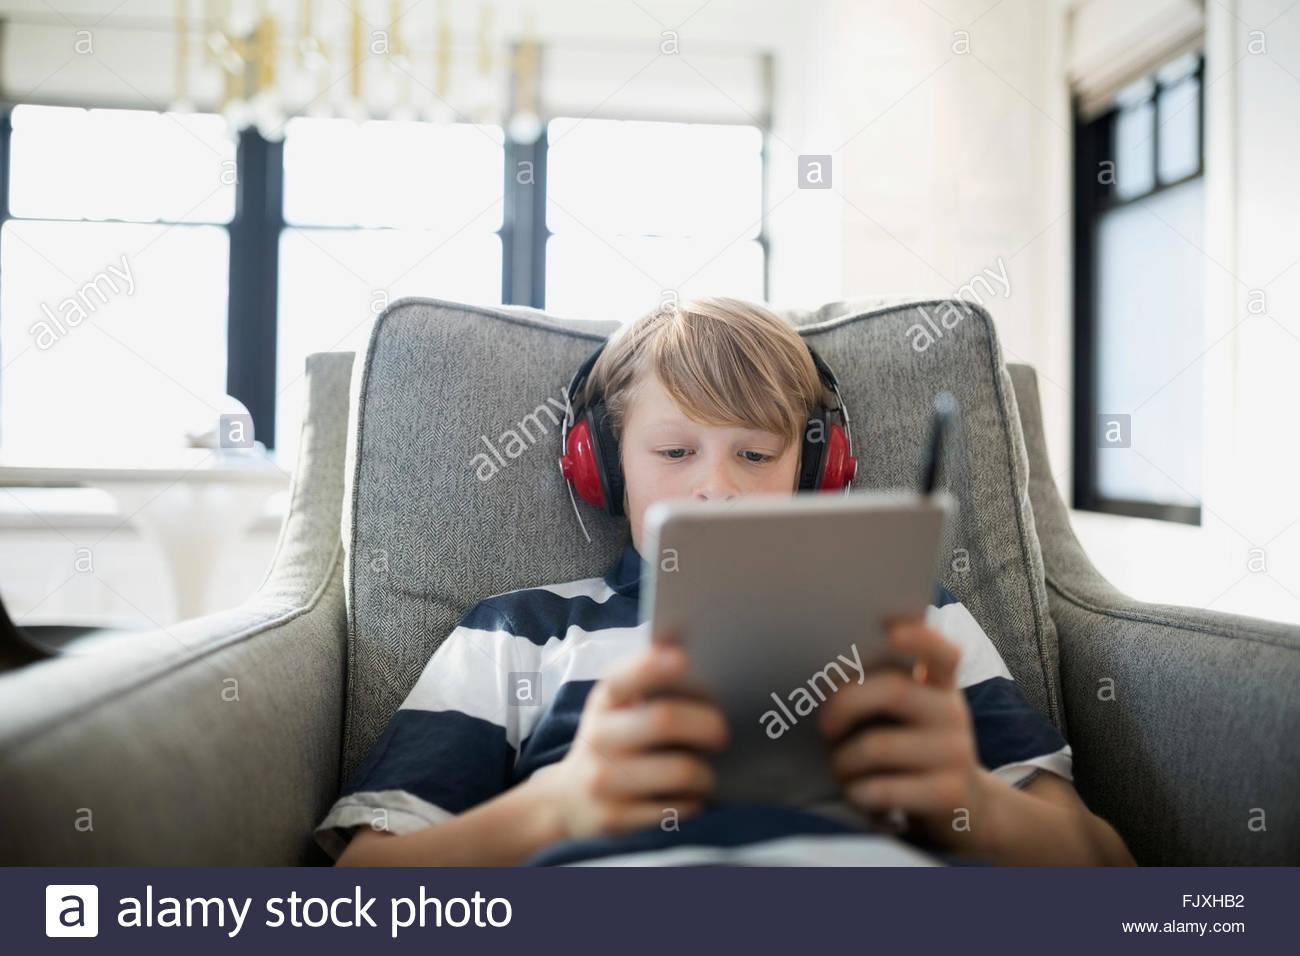 Muchacho con auriculares mediante tableta digital en sillón Imagen De Stock